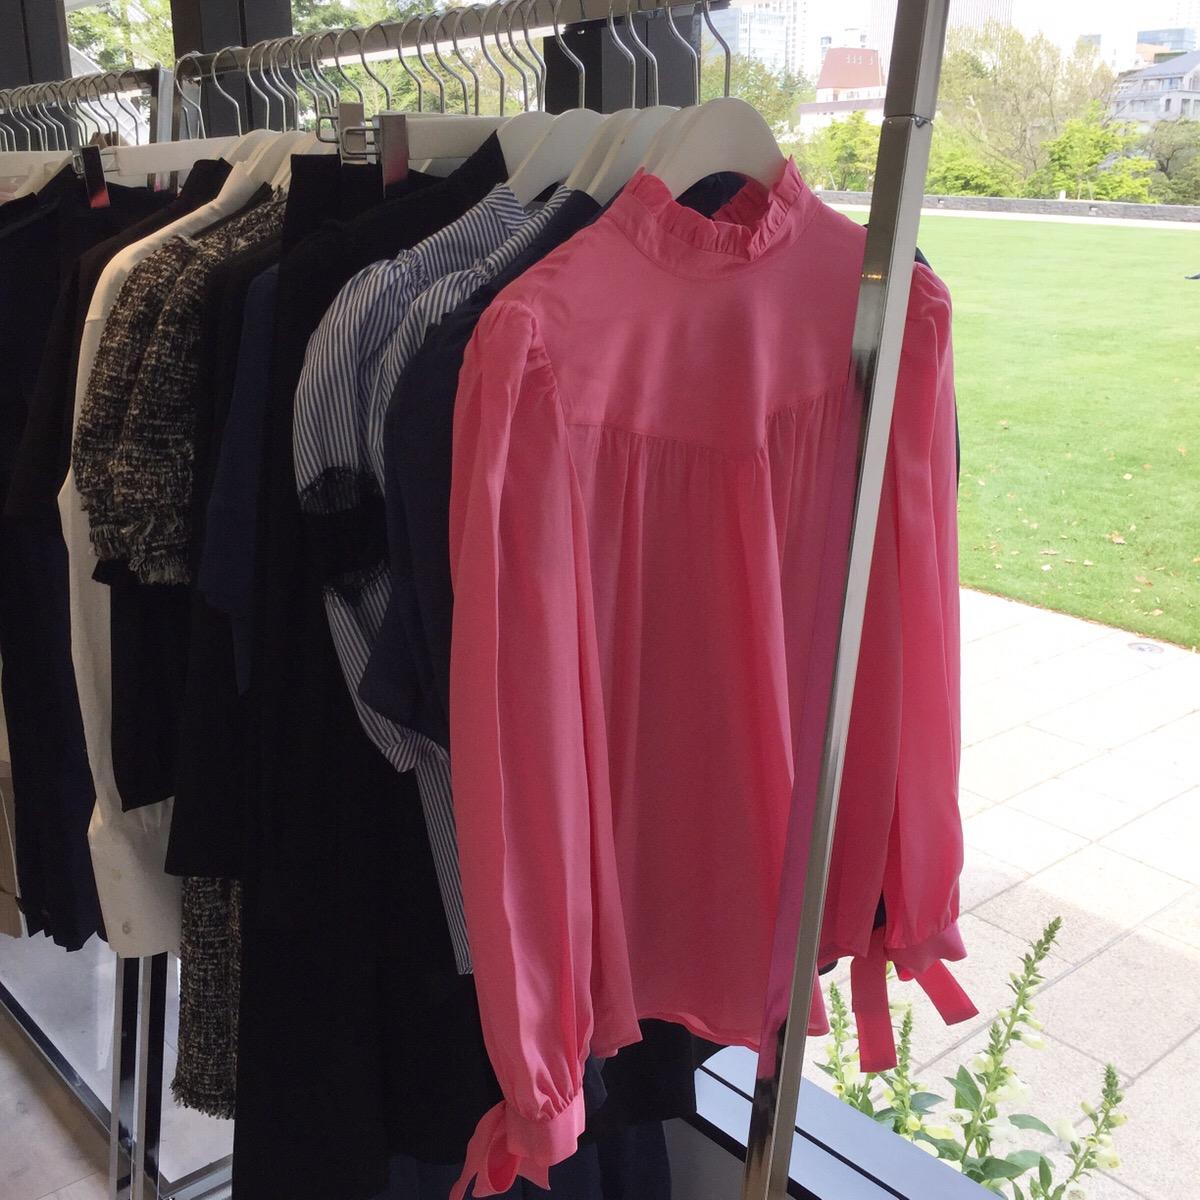 ブラウスやドレス、オールインワン、アウターも揃う。ワークアウトウェアも。ピンクのブラウス¥61,884